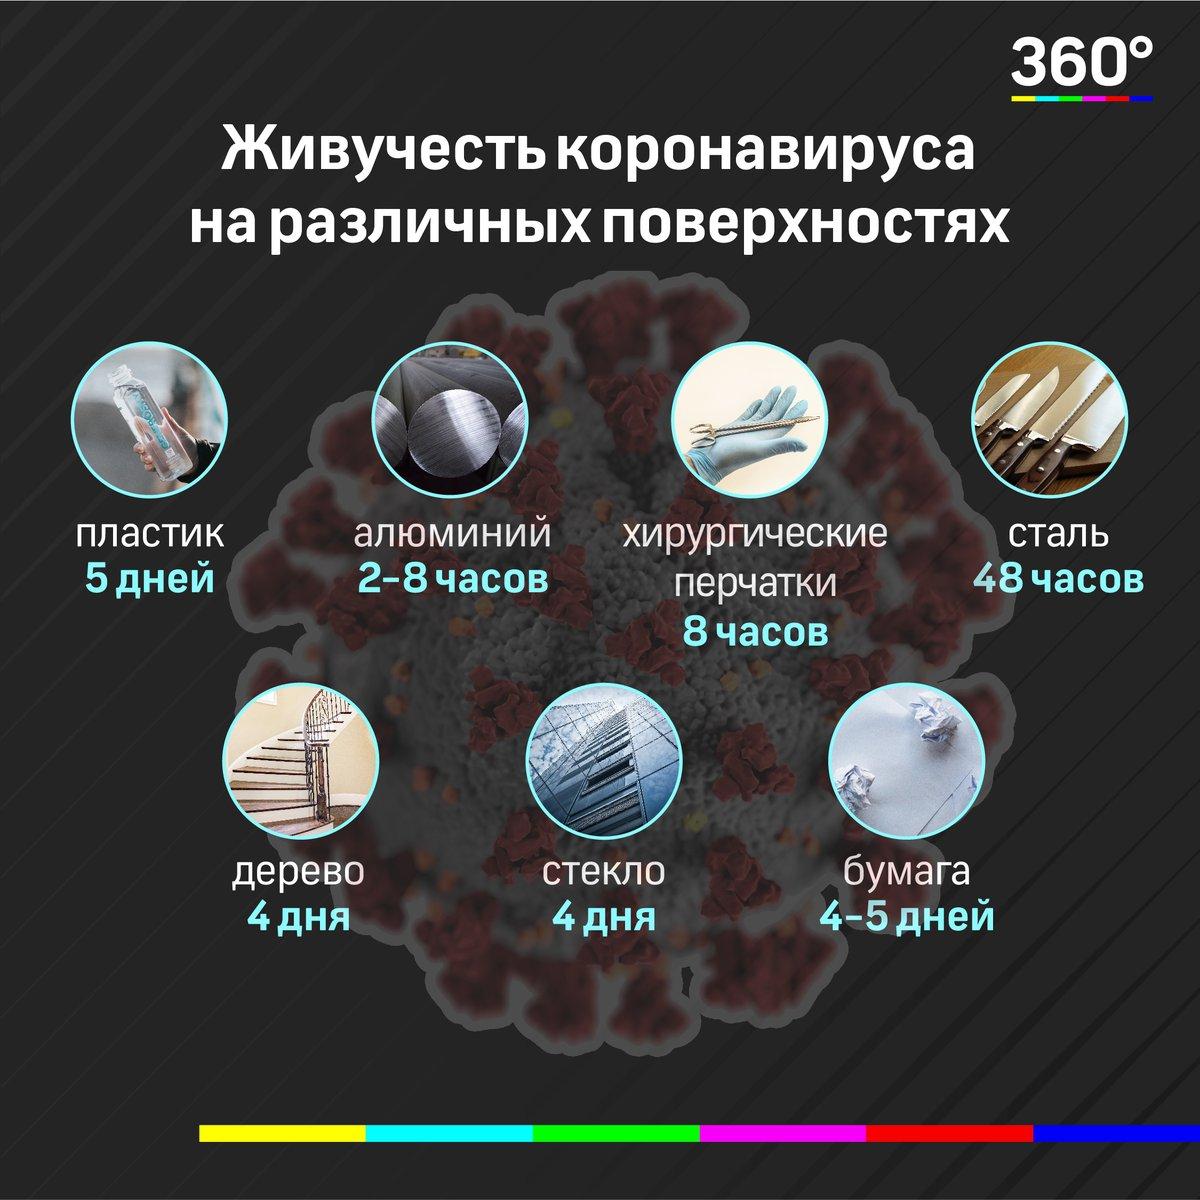 Как-отстирать-одежду-от-коронавируса-covid-19 (4)